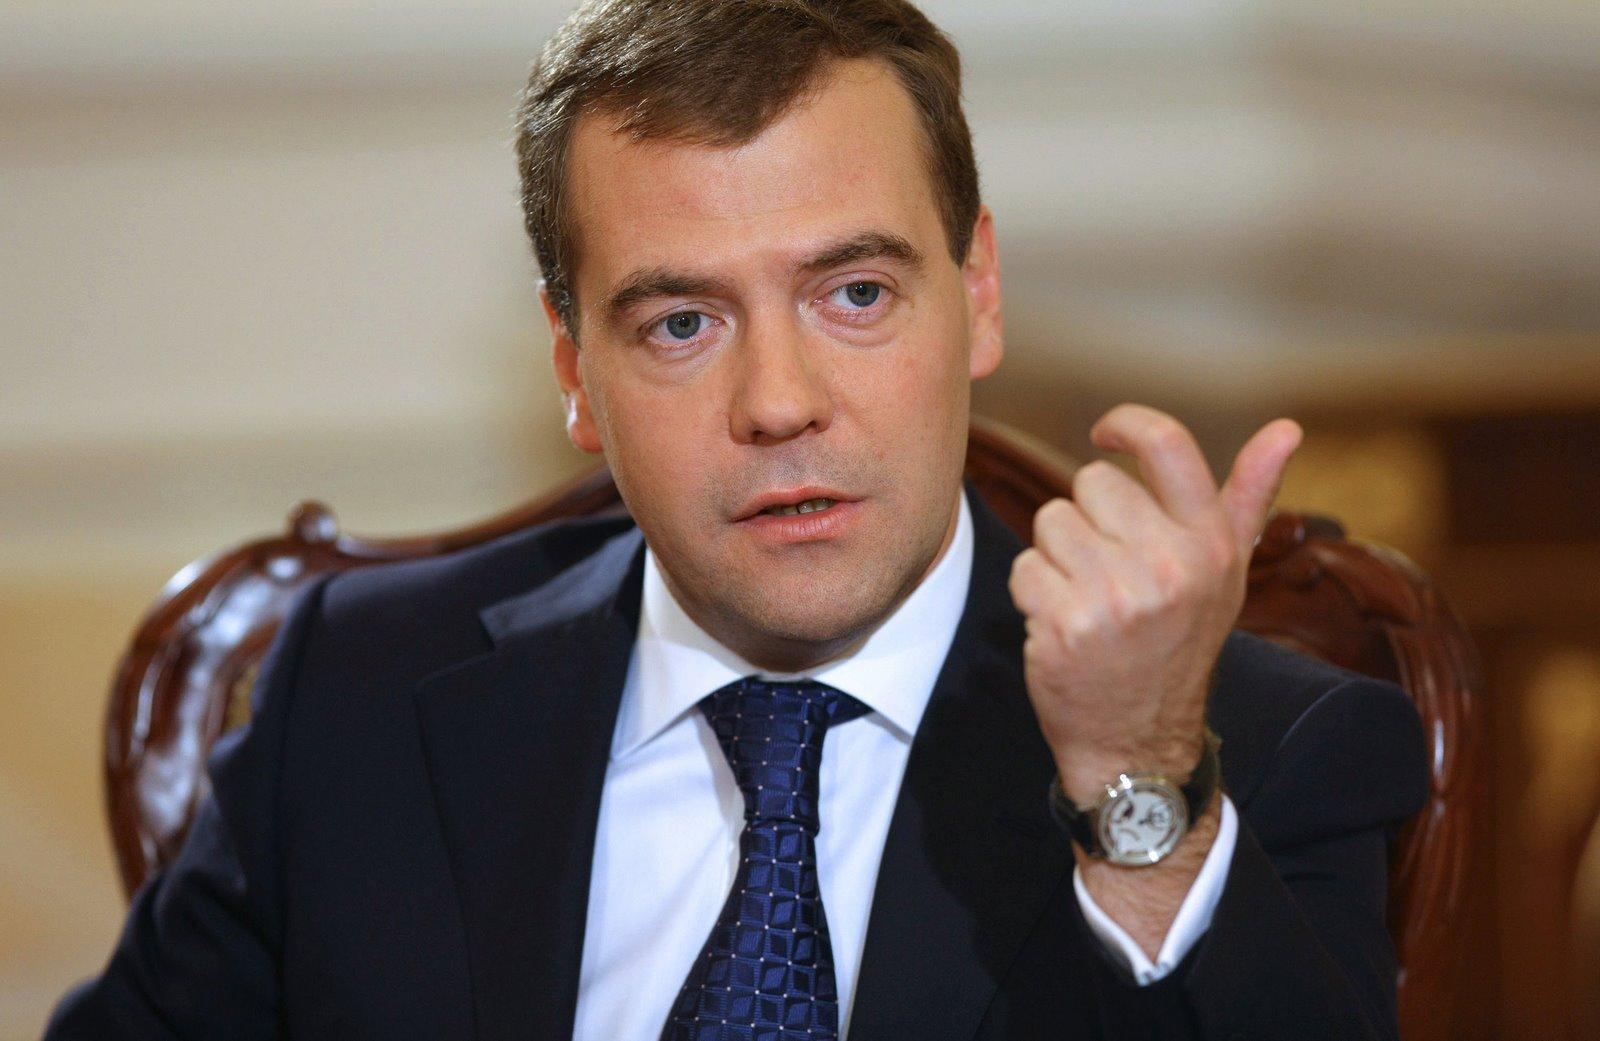 Вероятность кризиса за рубежом в 2021 году выше, чем в этом, считает Медведев